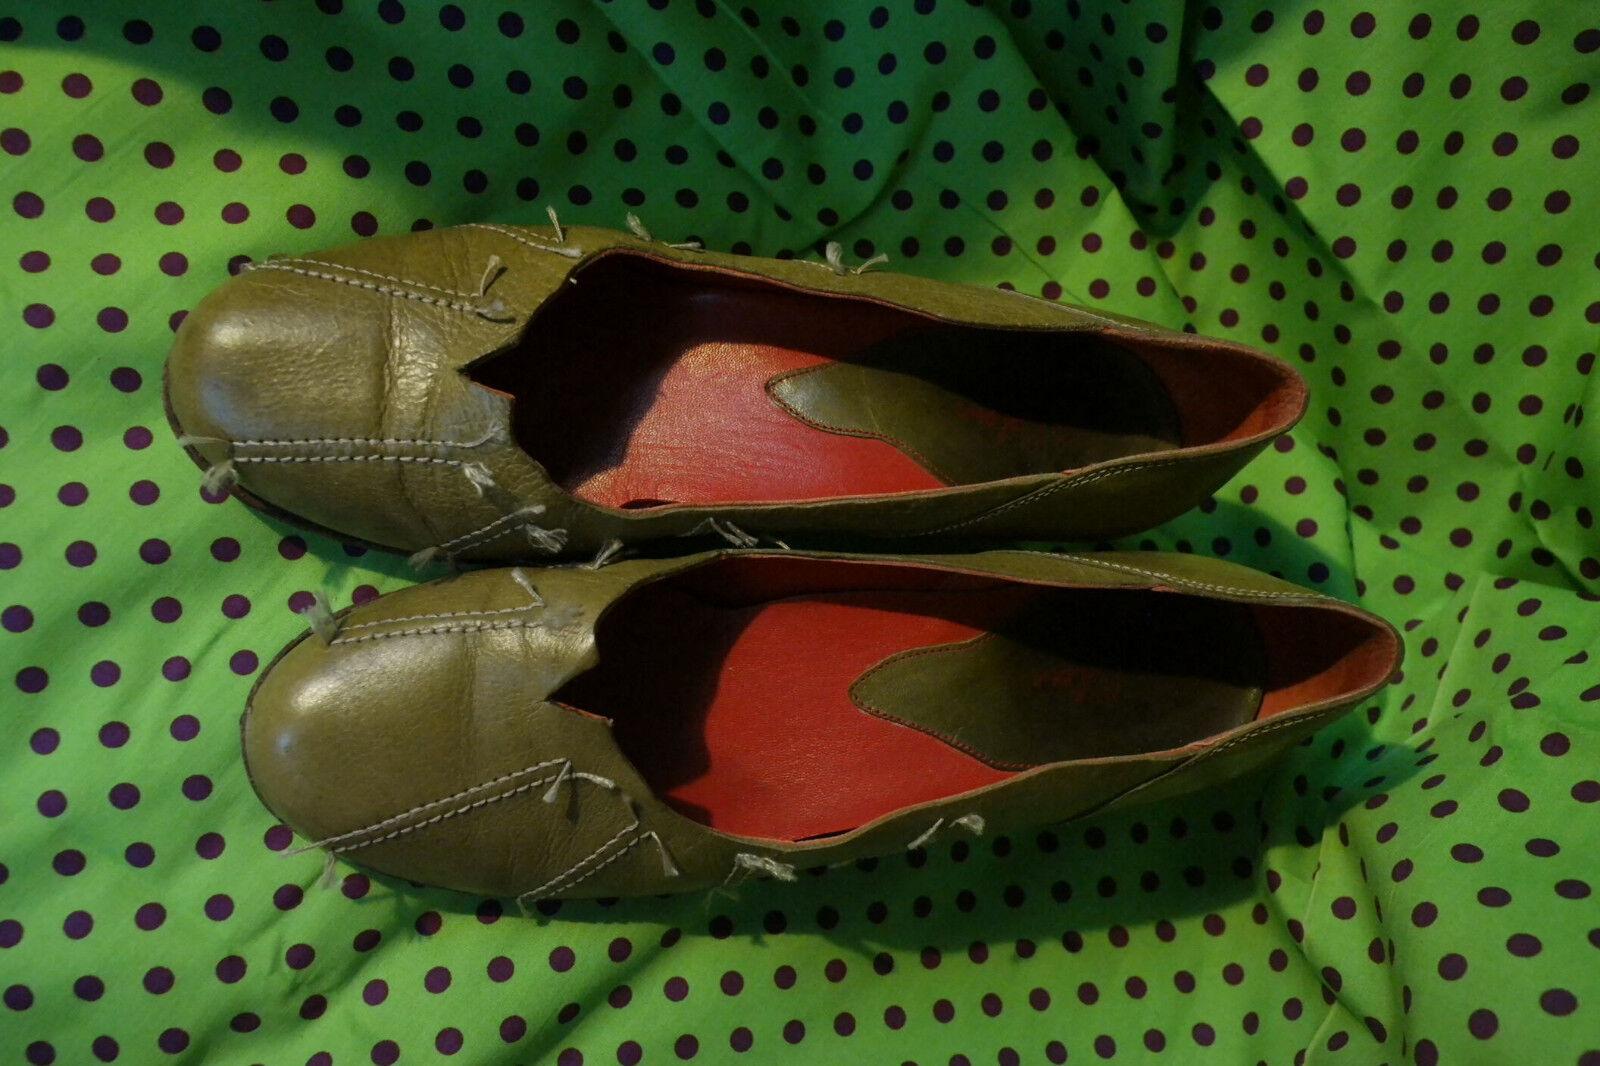 Schuhe Colour Pum, kaki,Schuhe Colour,super Zustand,kaki,Gr. 40 40 40 (40,5-41),Designer 63869c